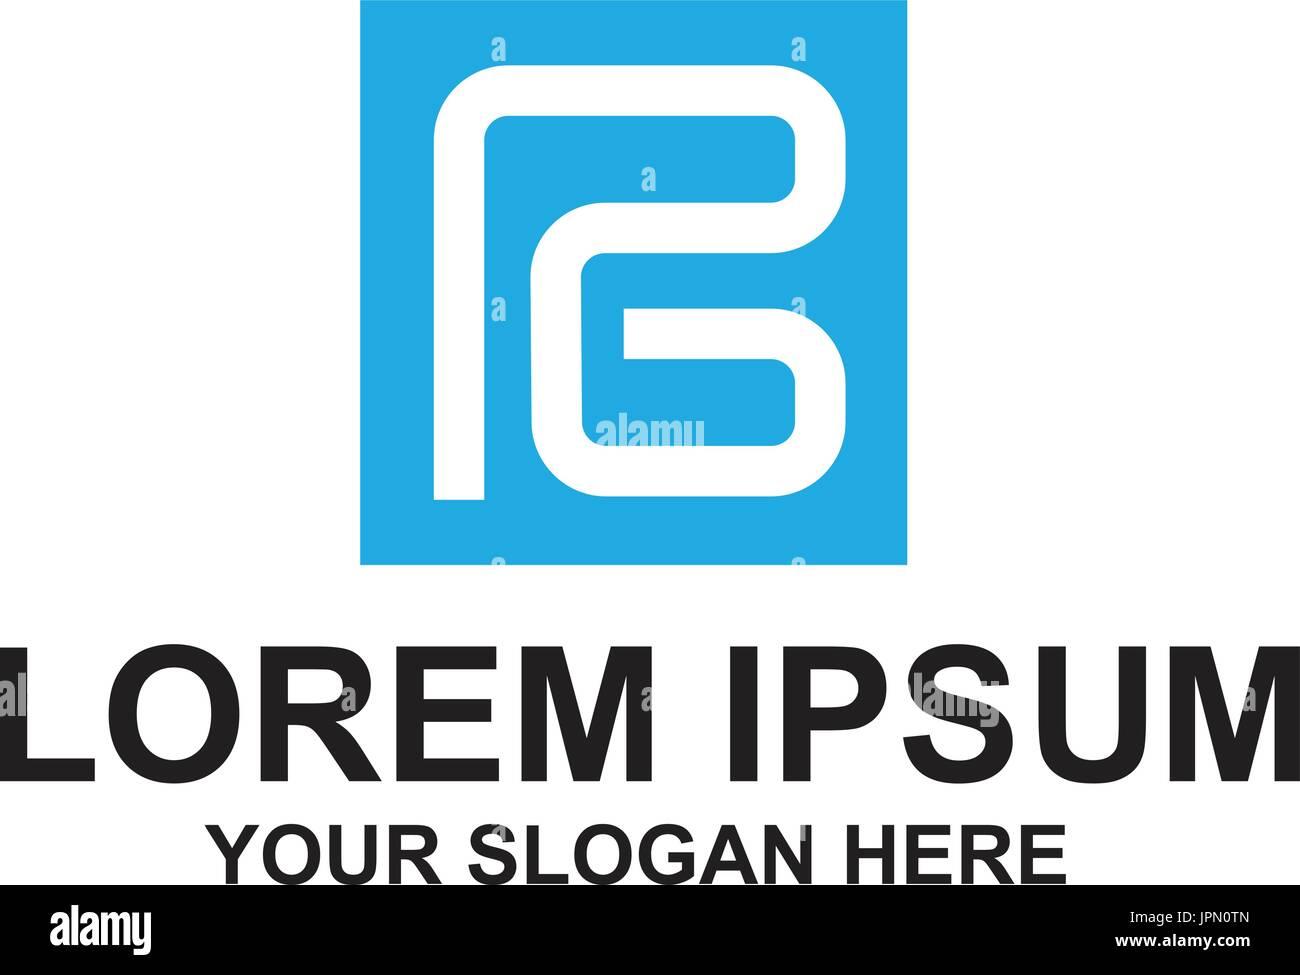 Connceted PG lettre à l'intérieur d'un carré, conception de logo, isolé sur fond blanc. Photo Stock